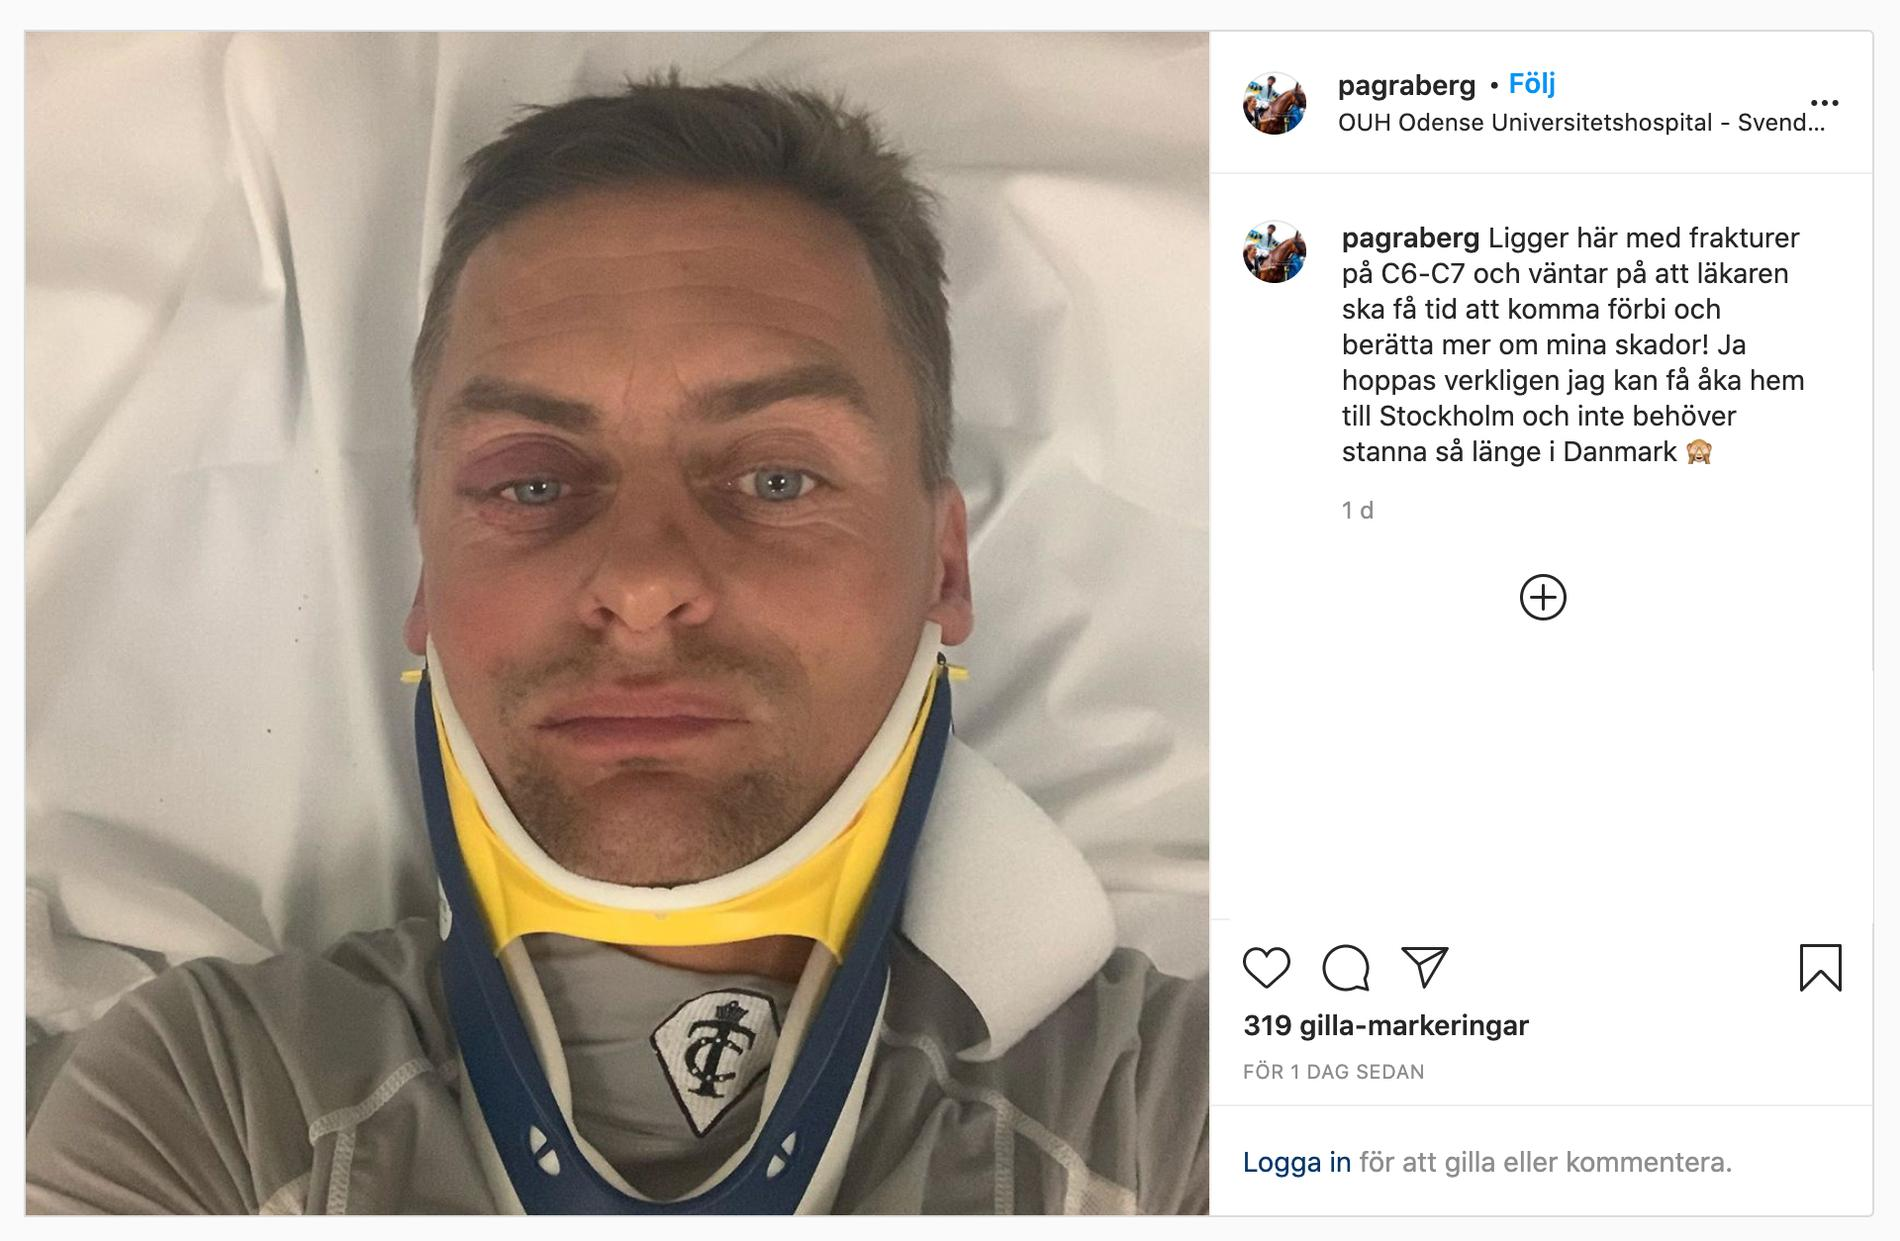 Per-Anders Gråbergs inlägg på Instagram från sjukhussängen i Odense.